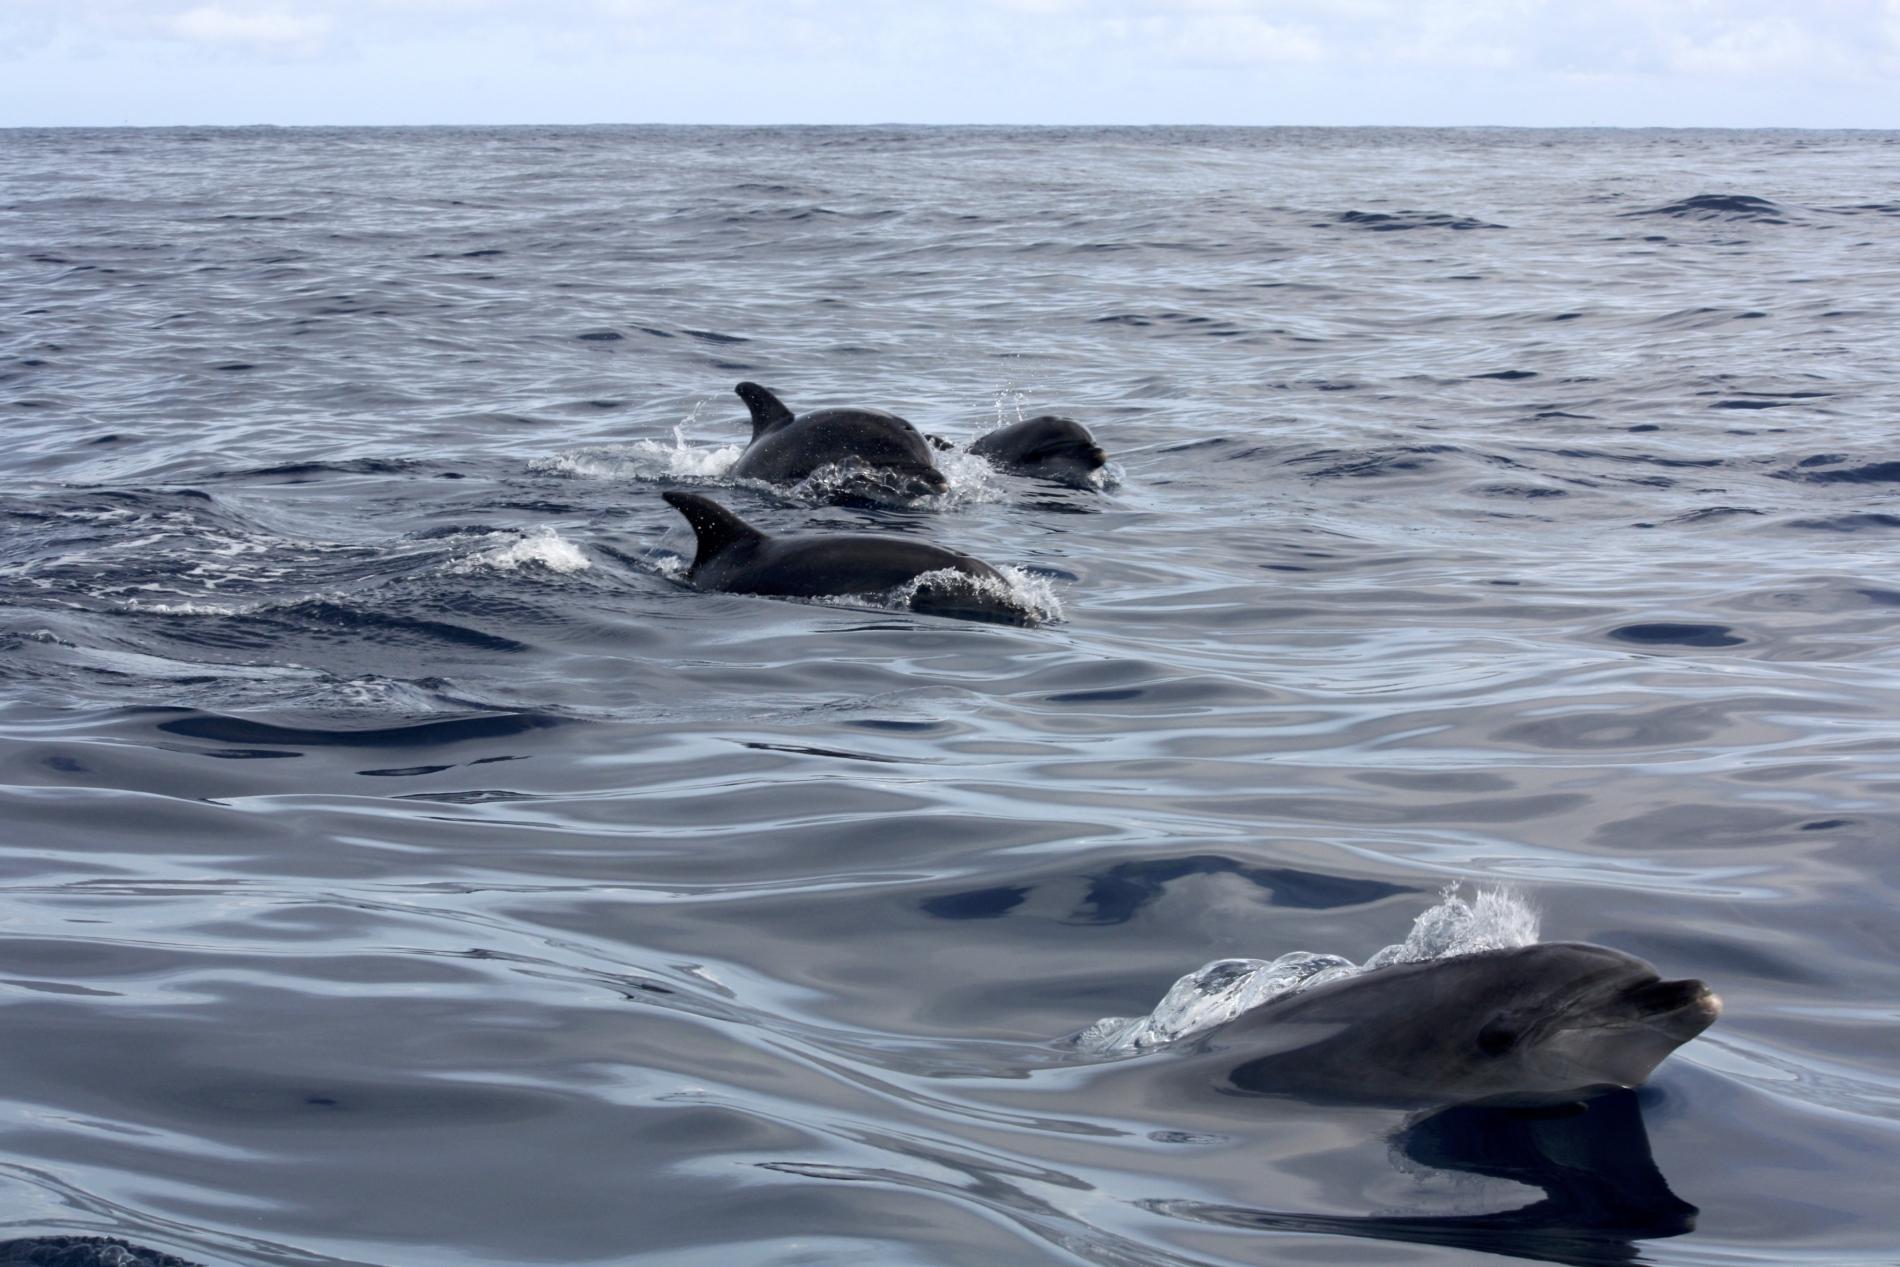 banc de dauphins qui sautent